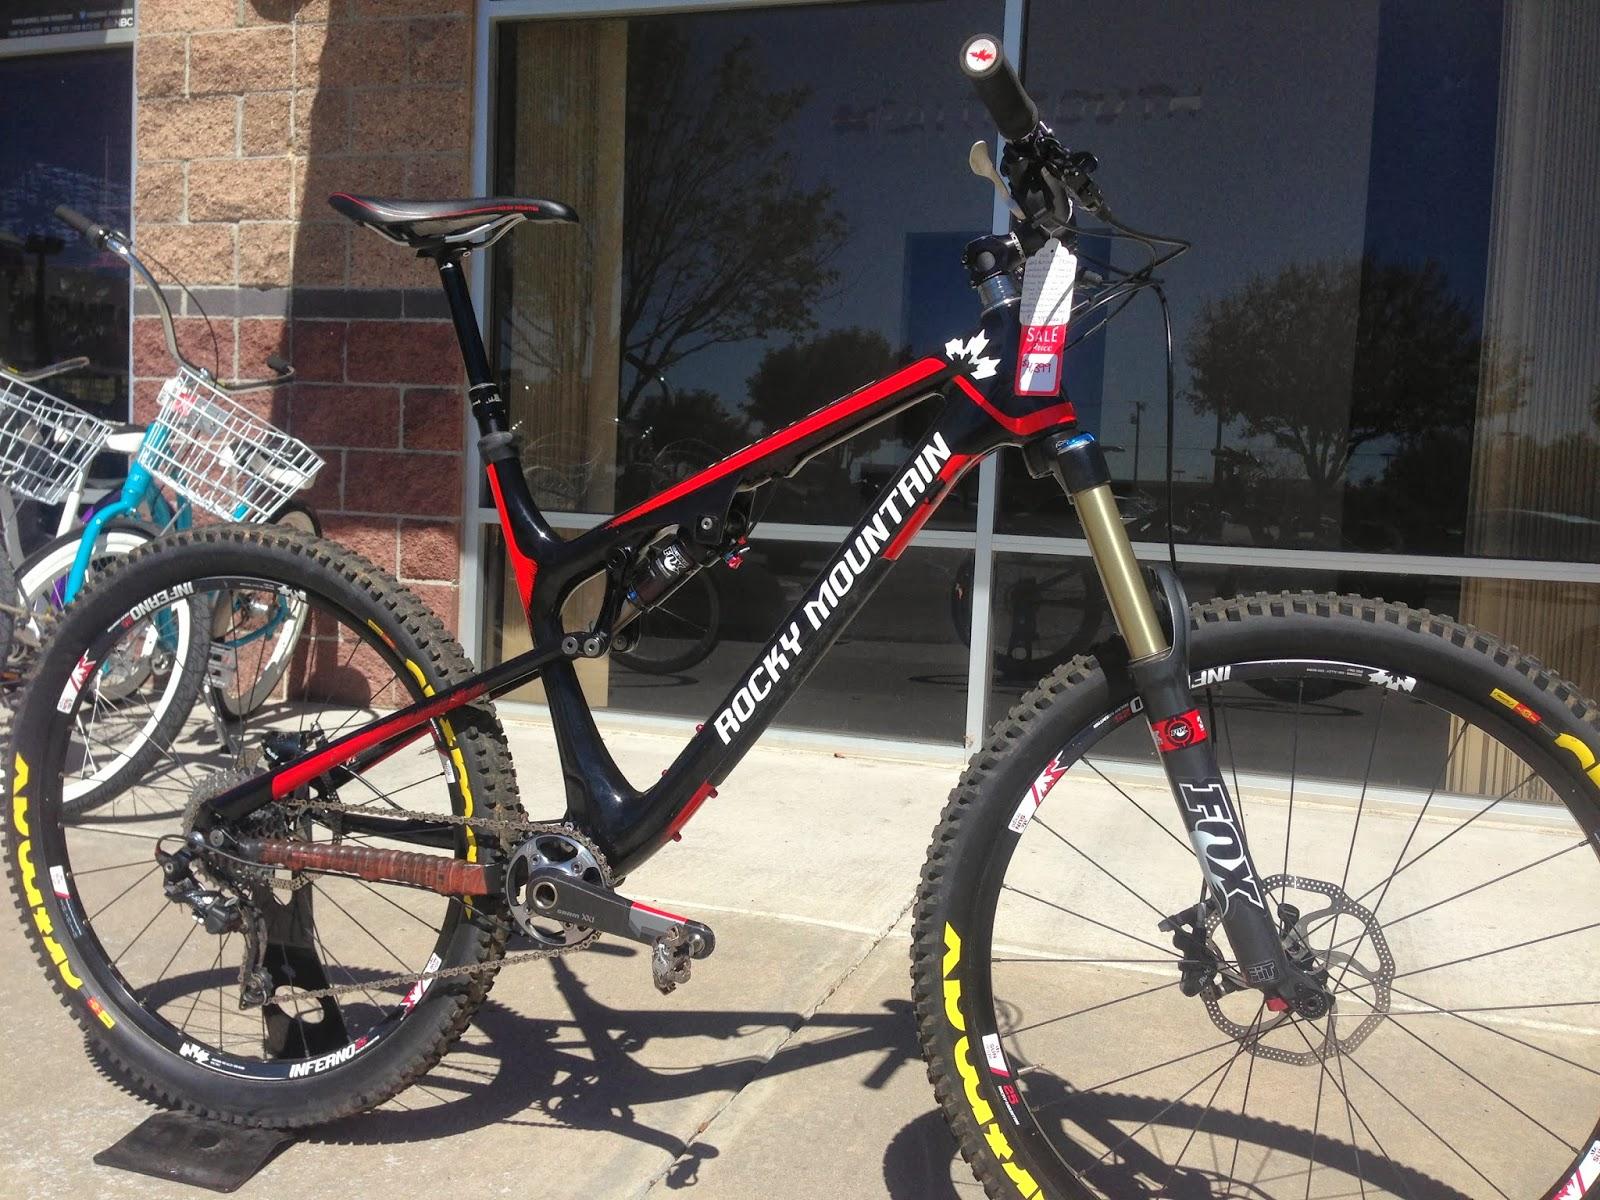 Bikeworks Albuquerque - Albuquerque, New Mexico bike shop